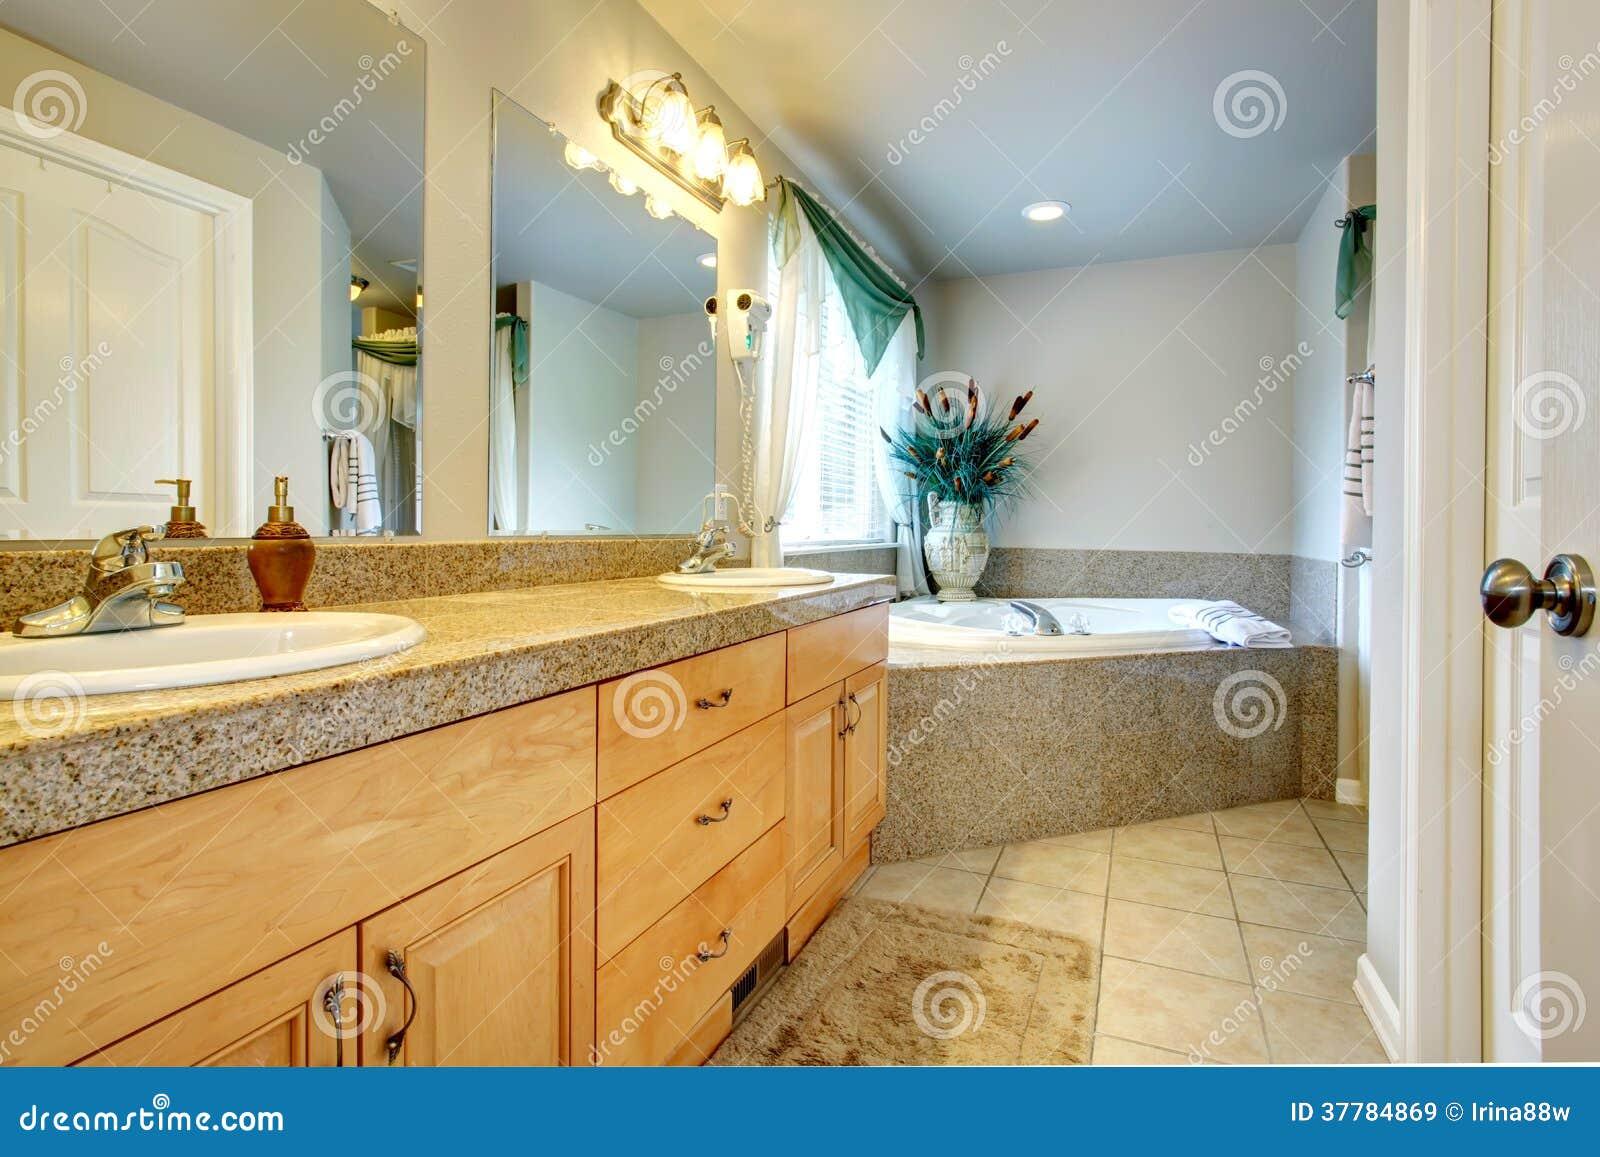 Mooie badkamers met whirpool royalty vrije stock afbeeldingen afbeelding 37784869 - Badkamers ...